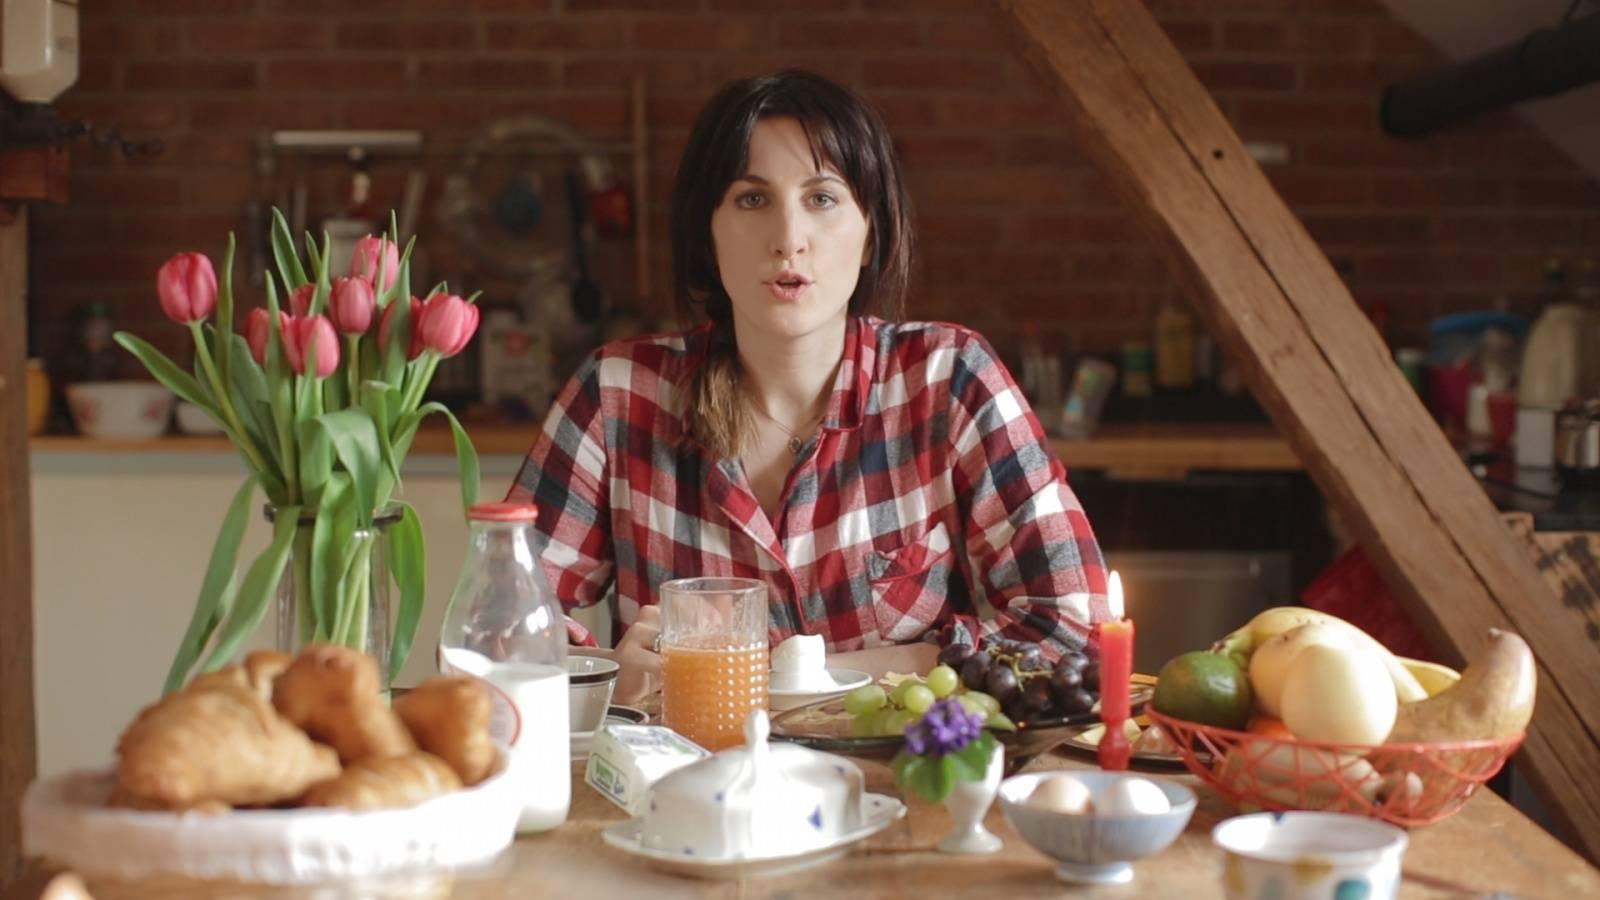 RECENZE: Klára Vytisková zpívá výborný pop a oslavuje domov. Škoda že ne v češtině